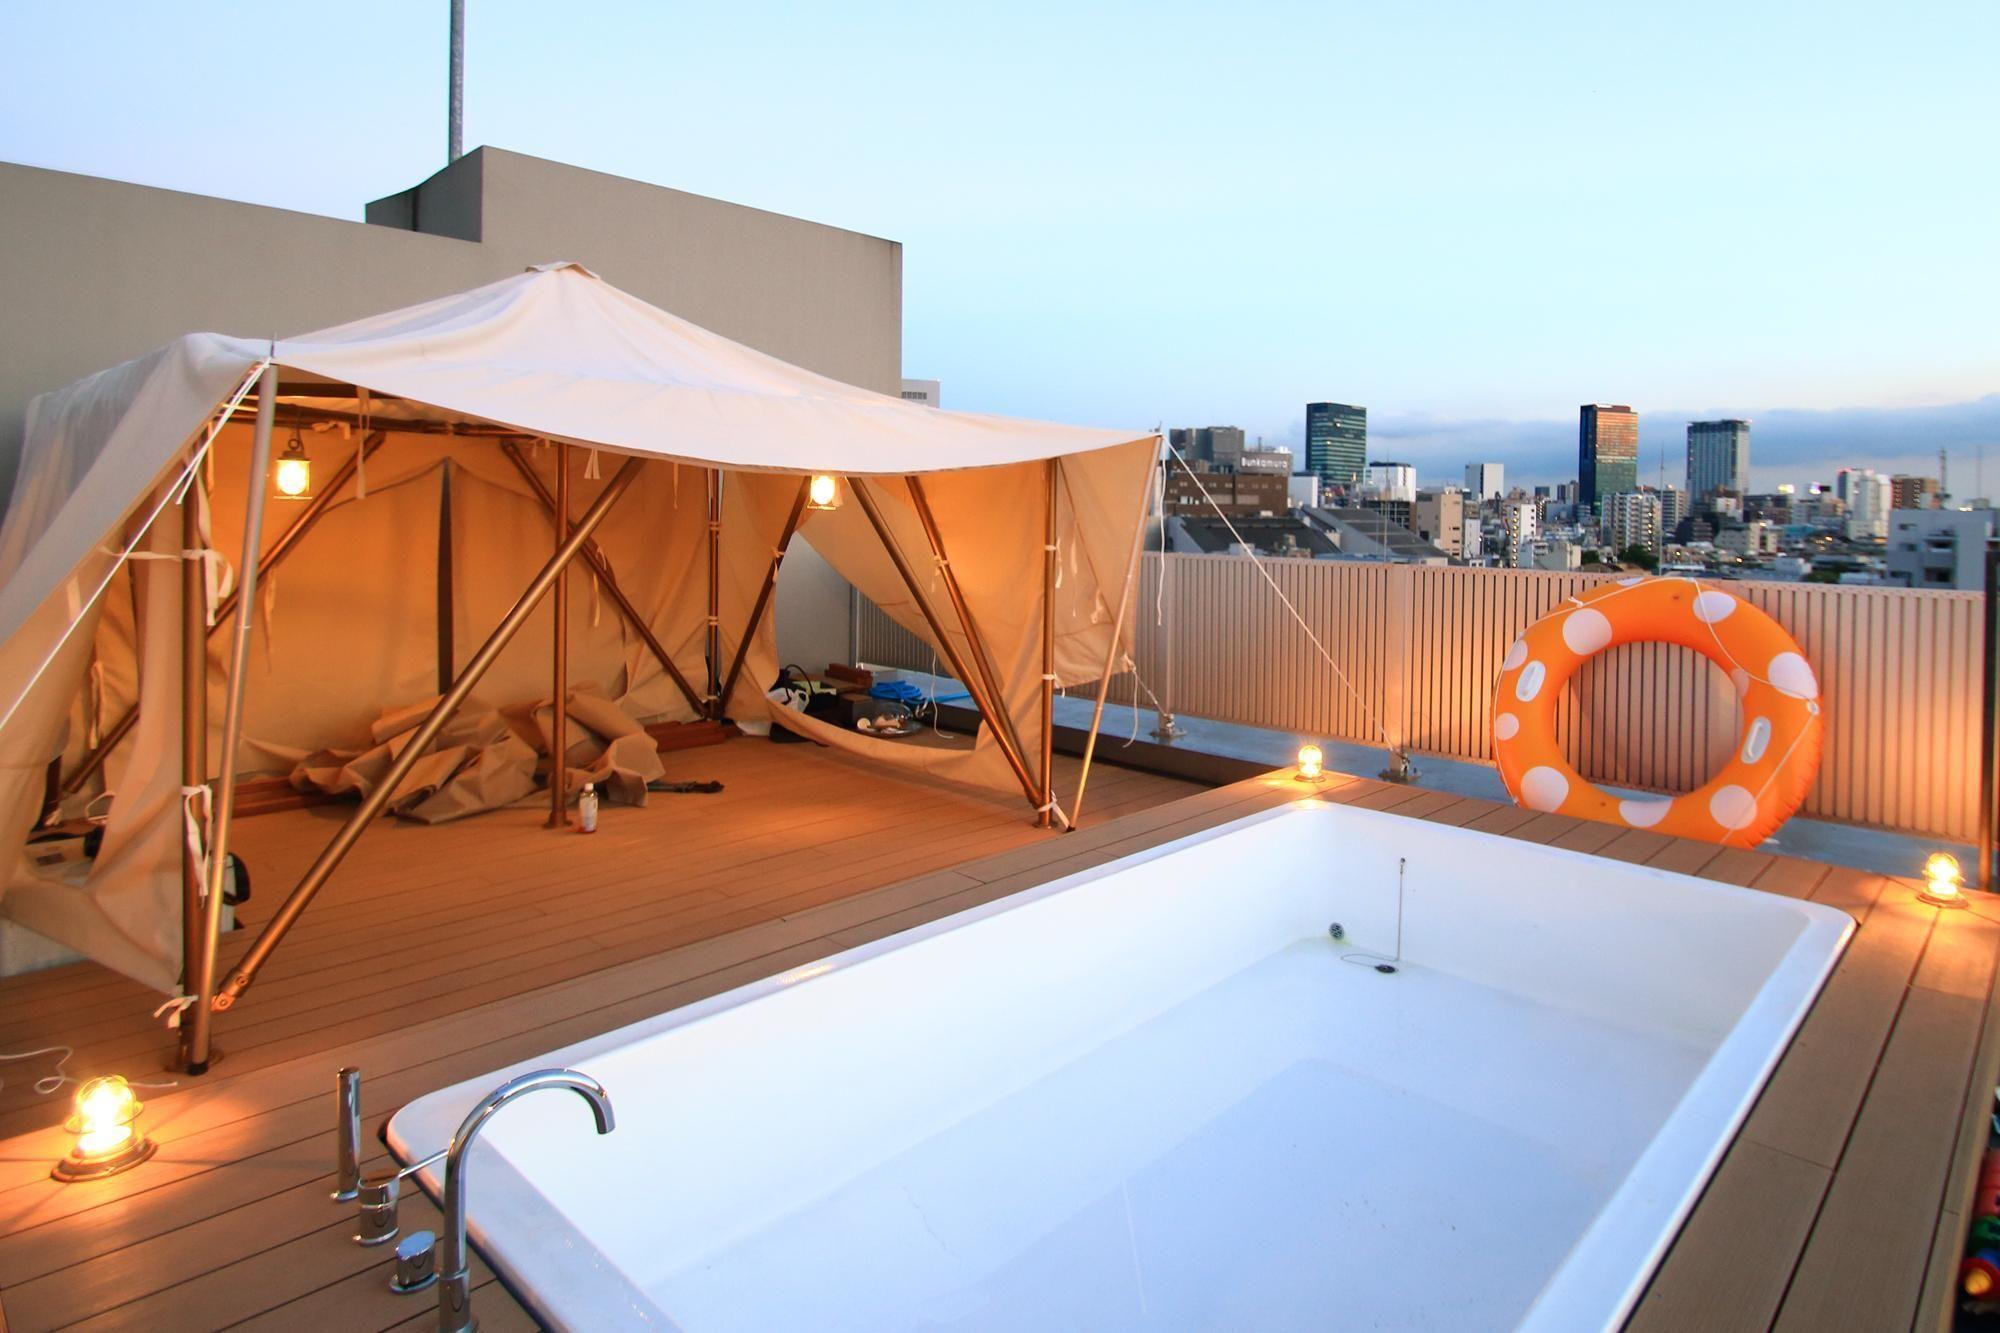 470万円で実現した贅沢 都心のど真ん中にある屋上テラスがグラン